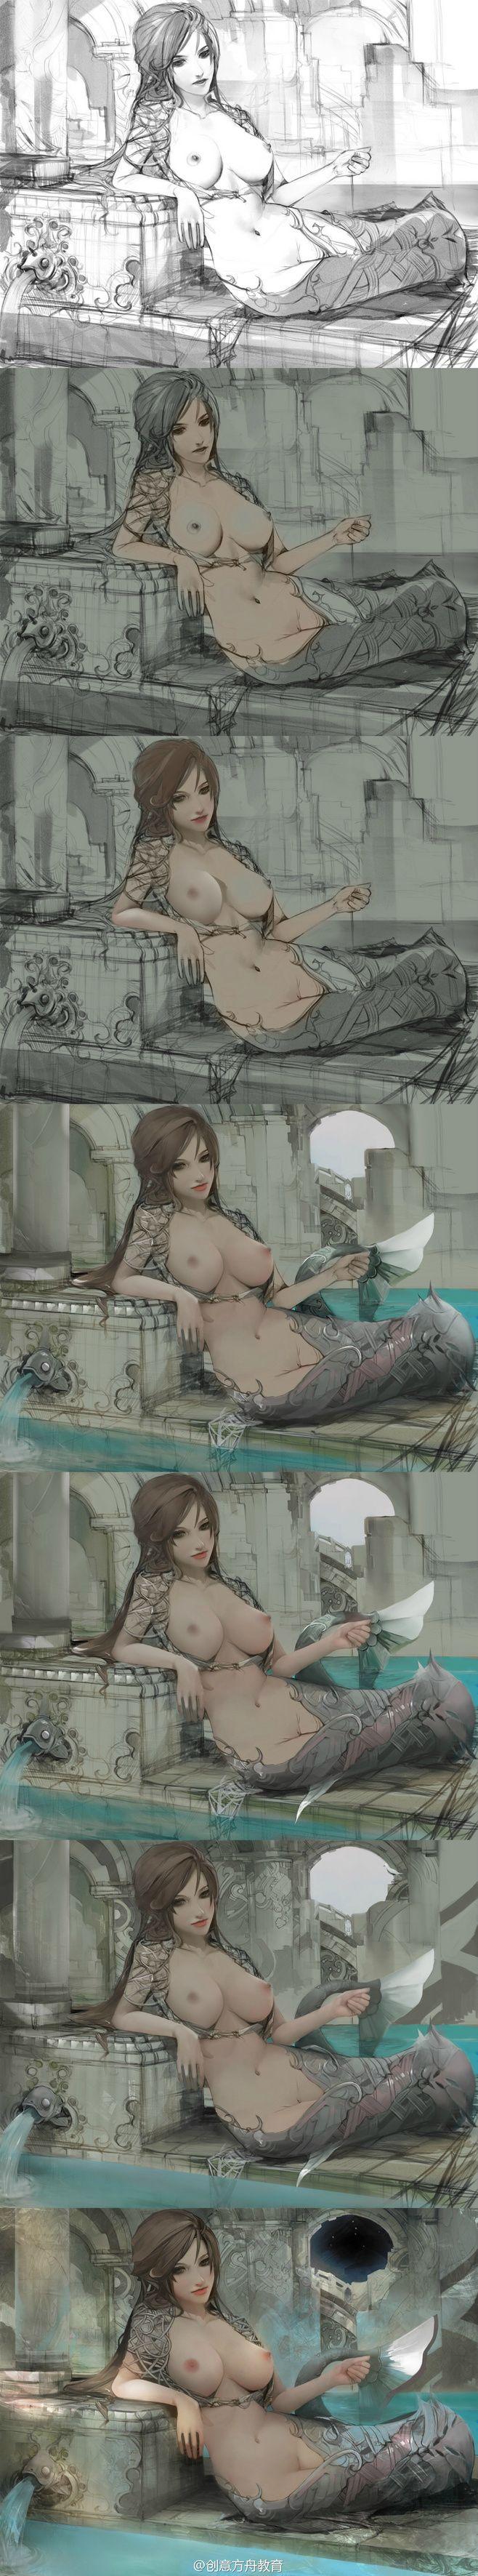 美人鱼绘画过程